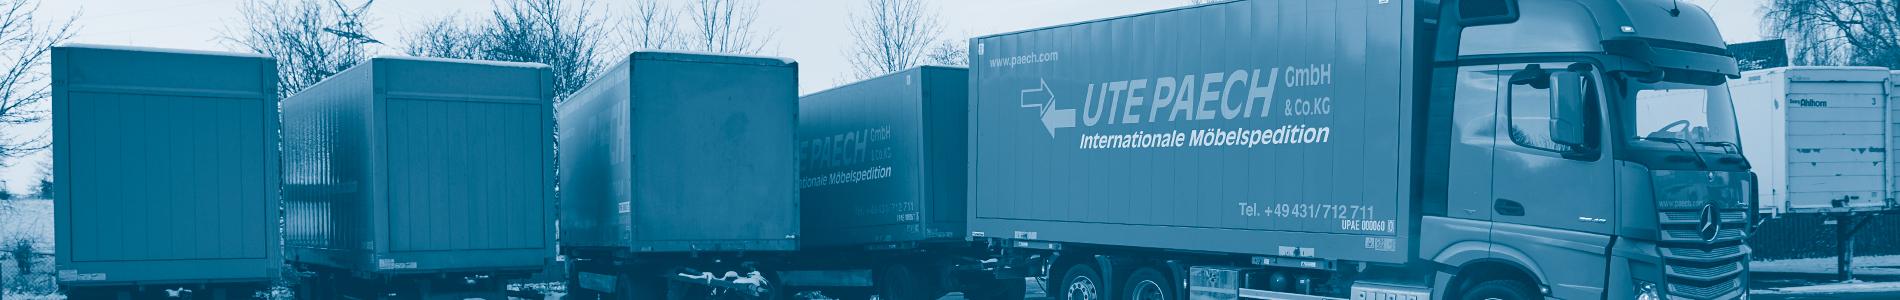 Ute Paech GmbH & Co. KG - Firmenumzug